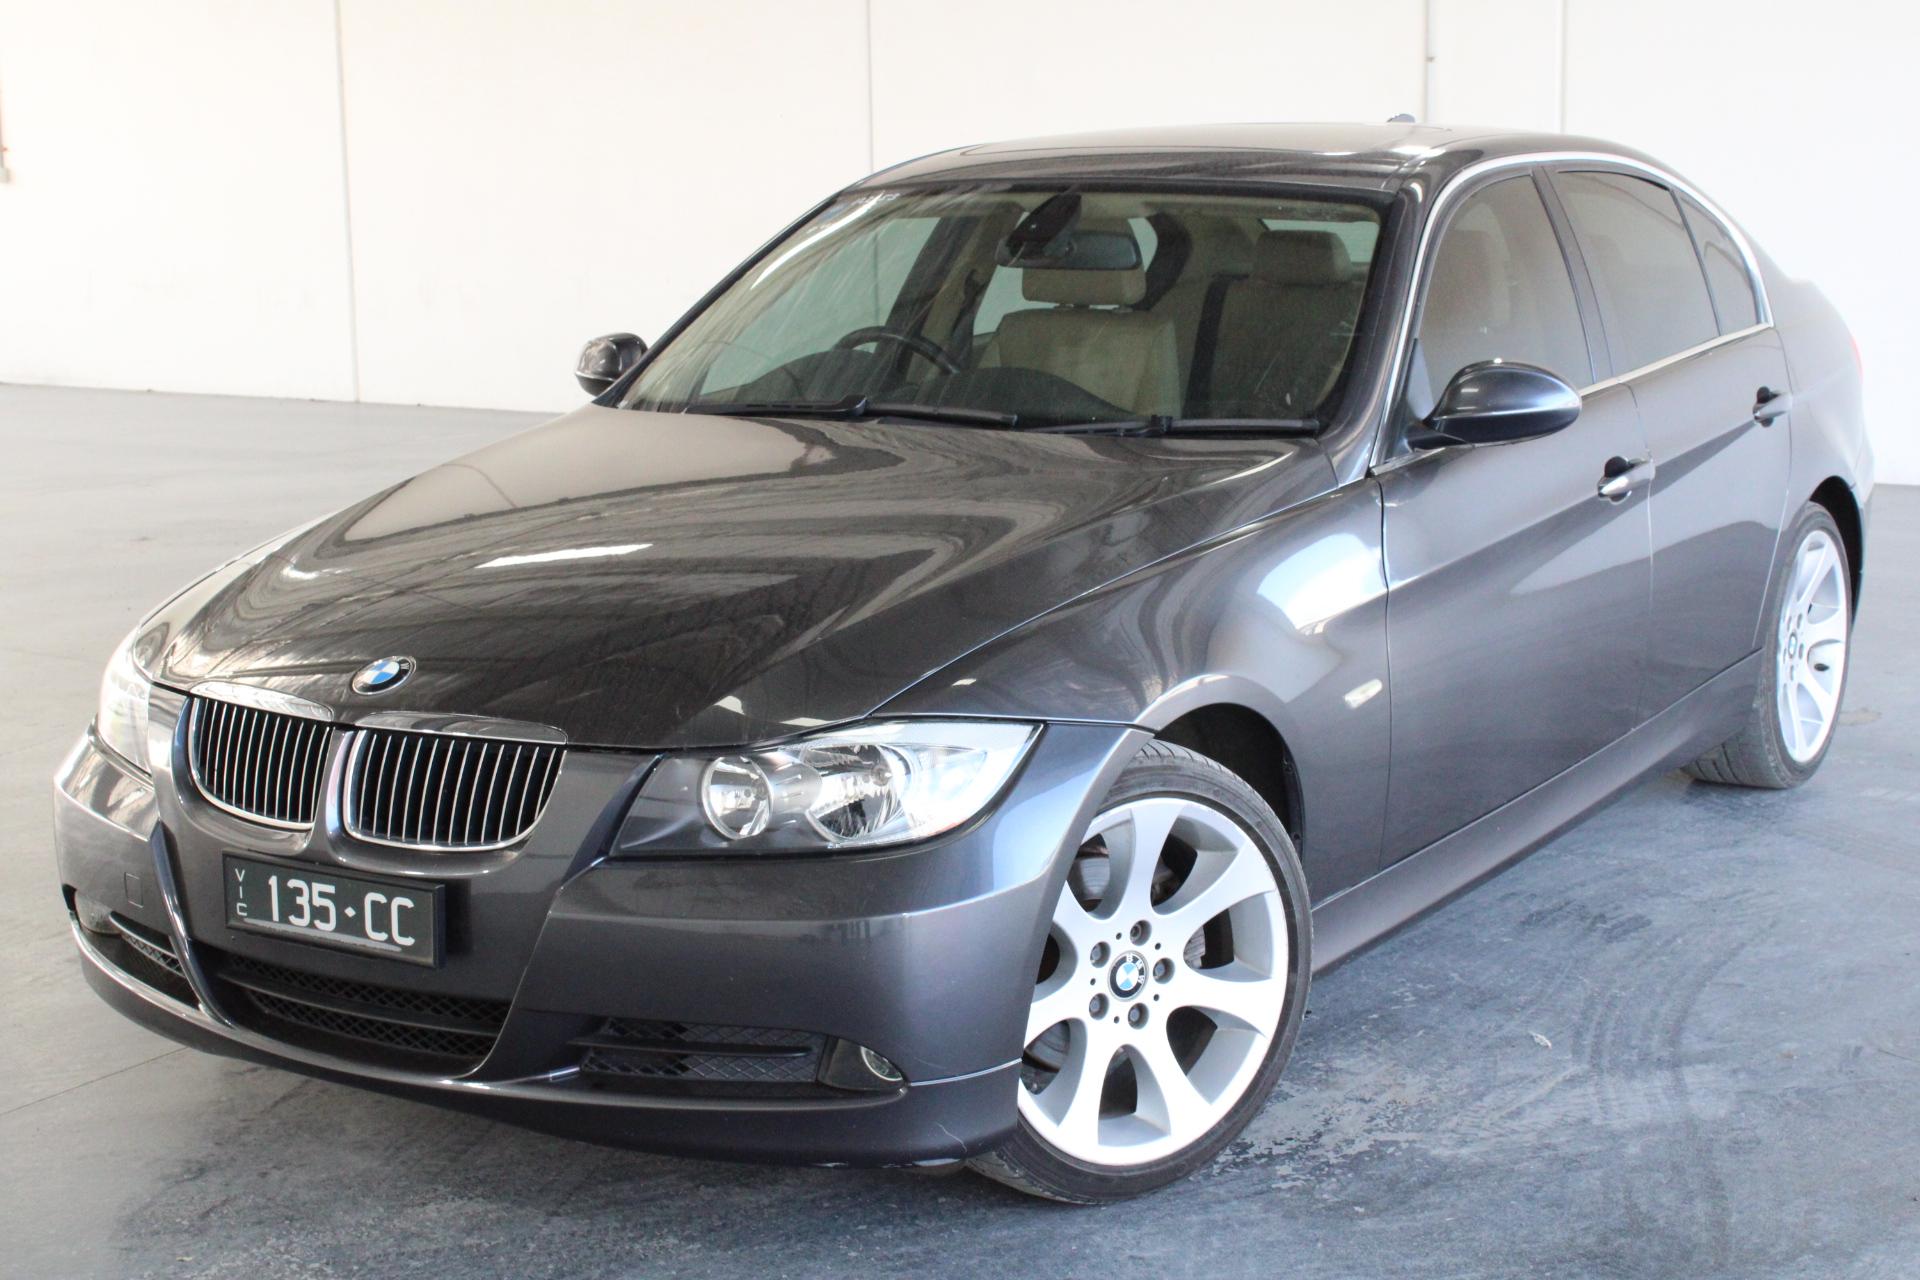 2005 BMW 3 25i E90 Automatic Sedan